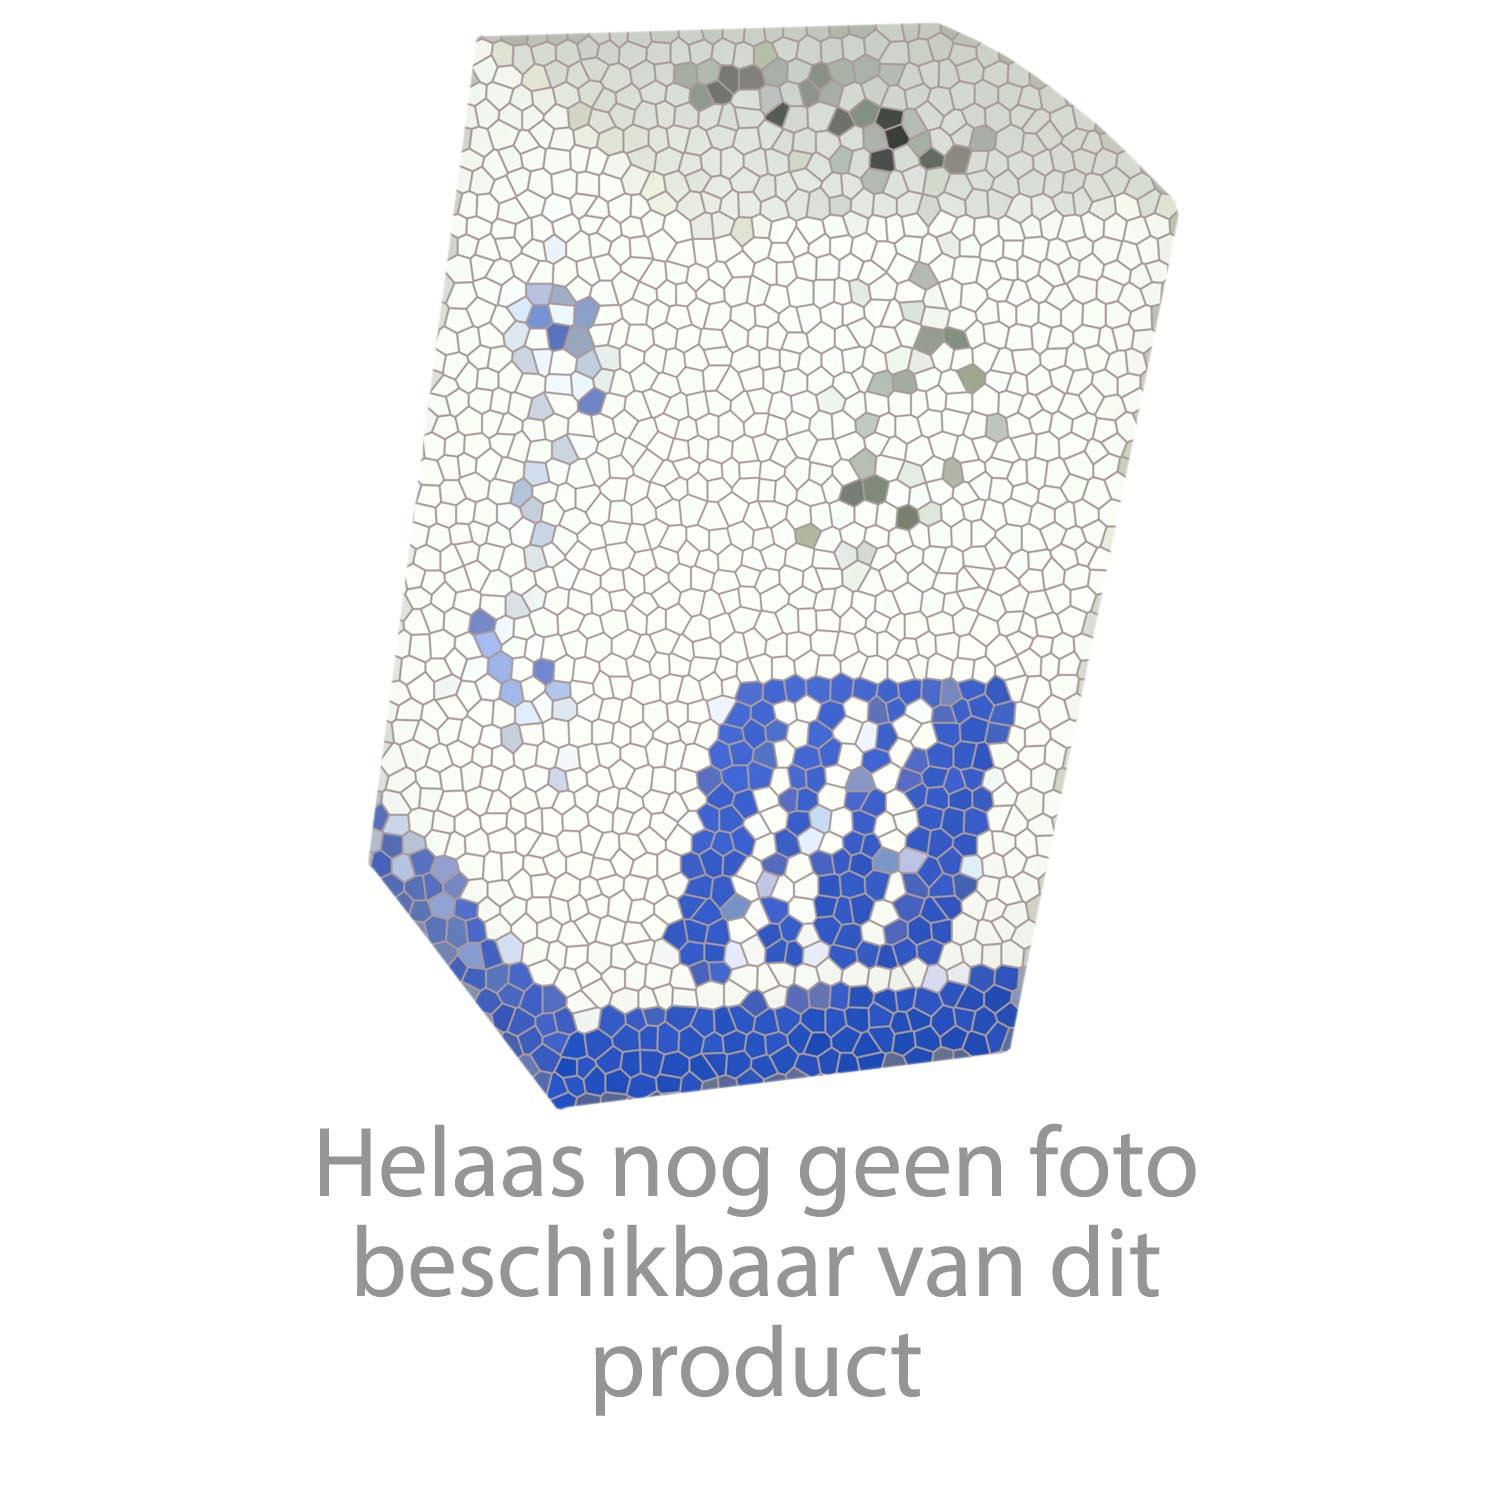 VSH Bovendeel schroefspindel Aqua secure vorstvrije buitenkraan GK116SP